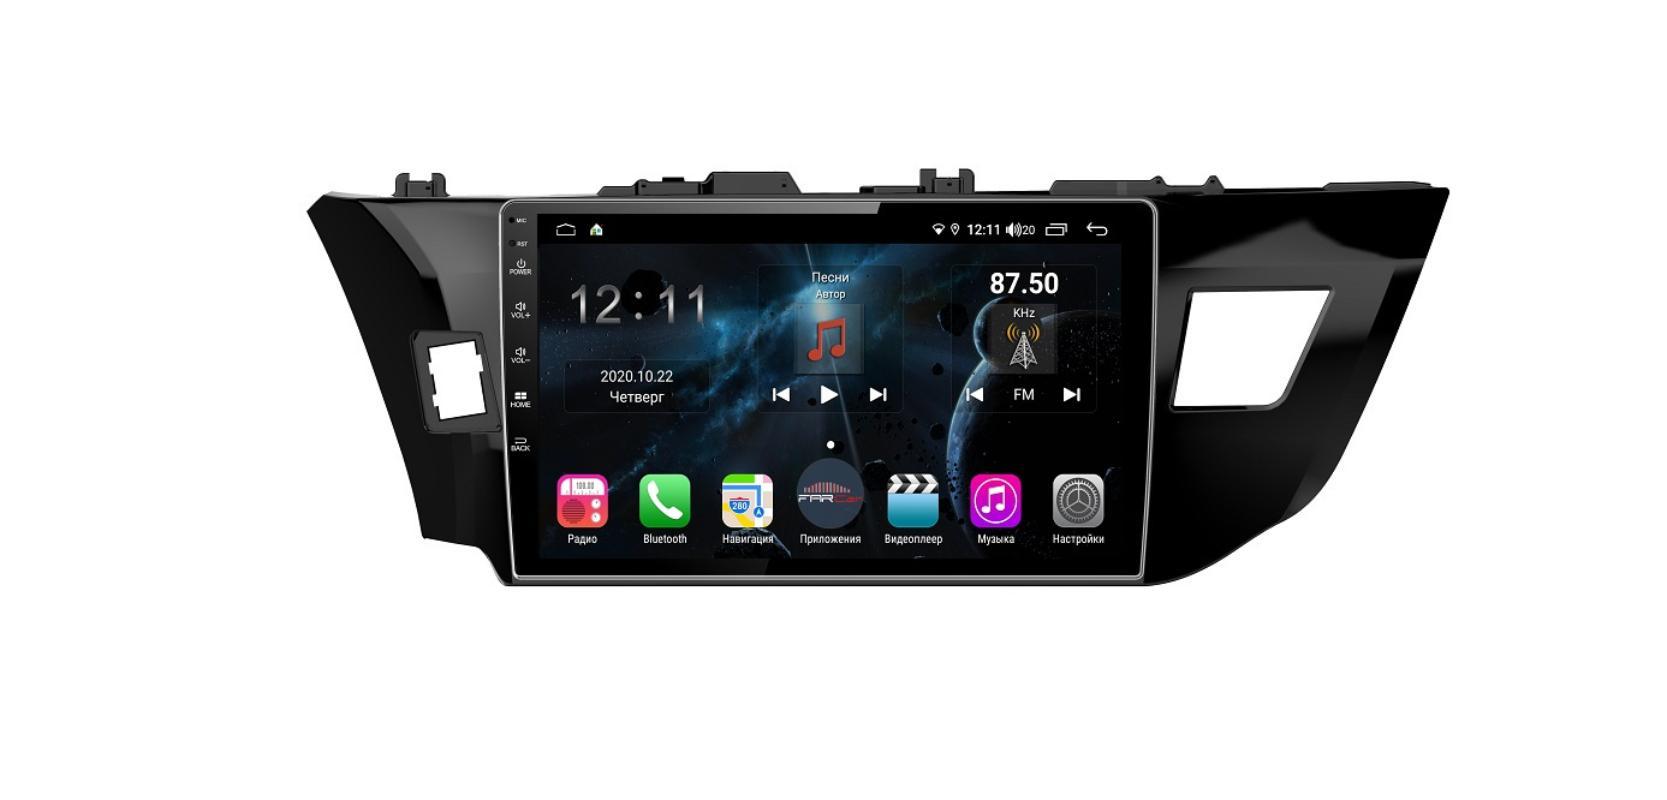 Штатная магнитола FarCar s400 для Toyota Corolla на Android (H307R) (+ Камера заднего вида в подарок!)